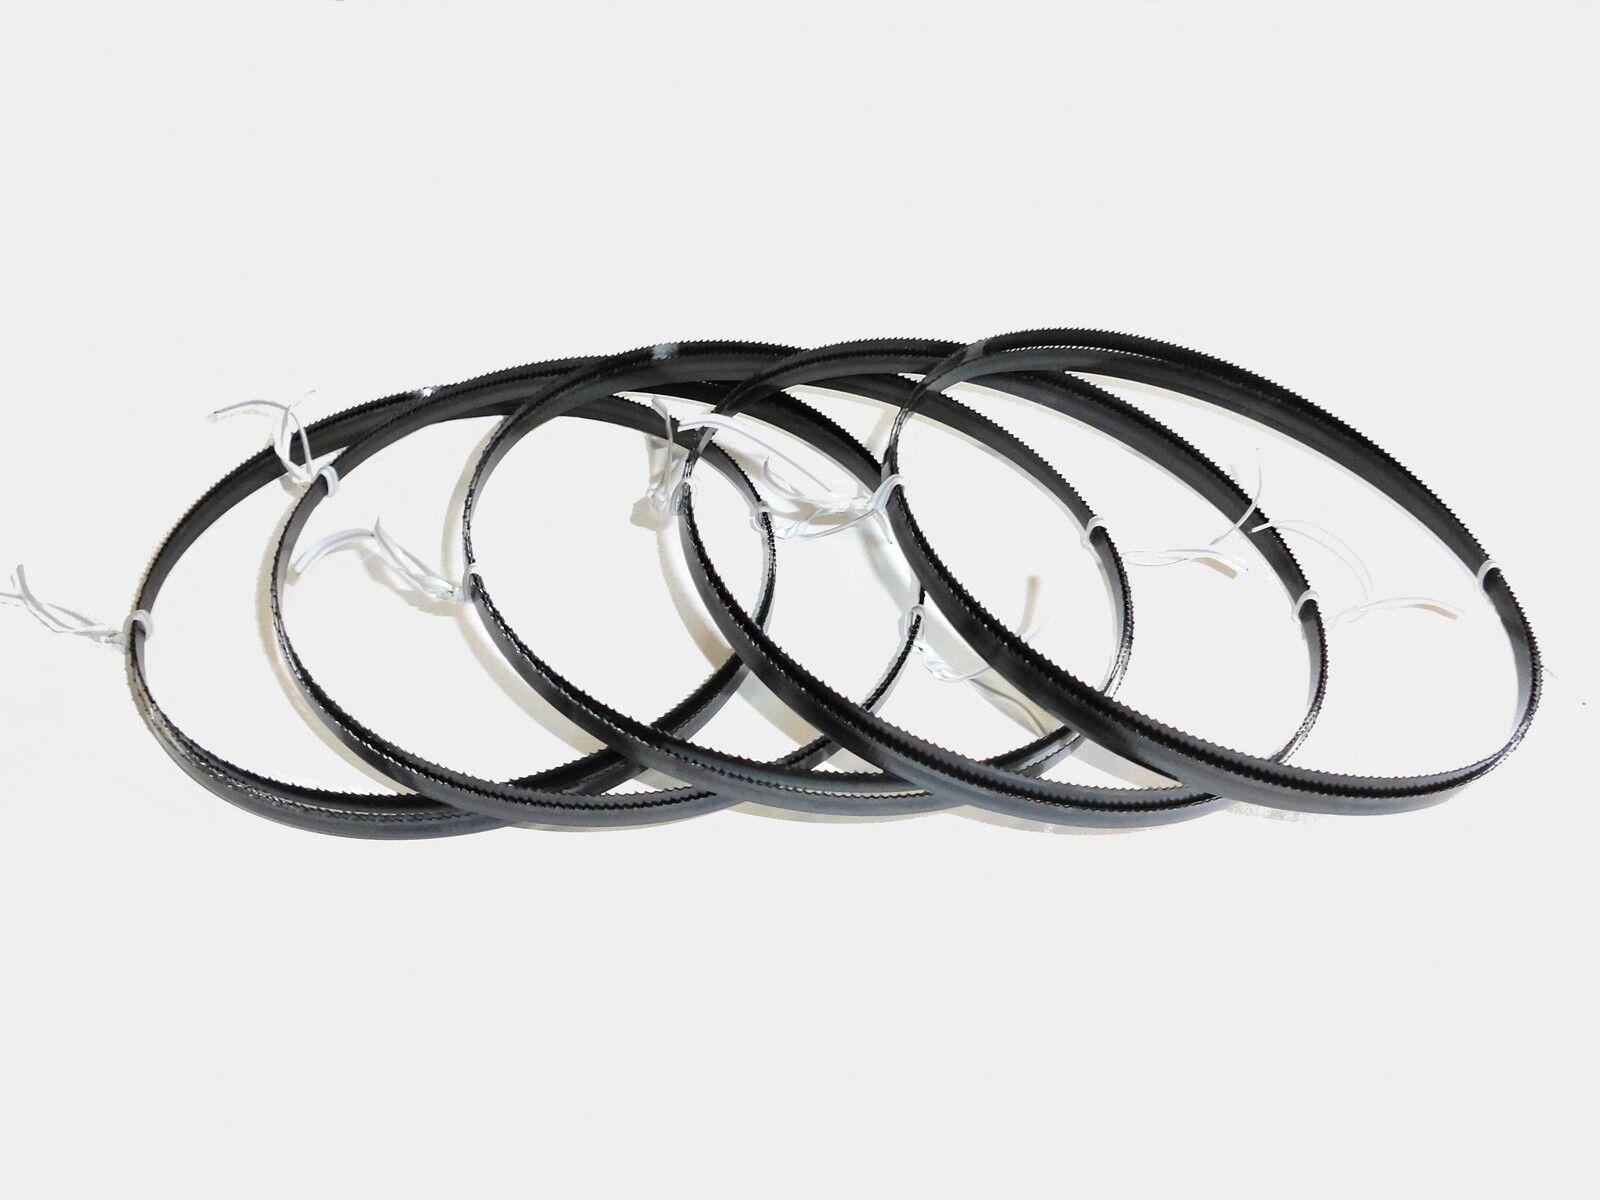 5 X Sägebänder Sägeband 1425 X 6 X 0,36 Mm 14 Zpz Metall Interkrenn Rexon Güde